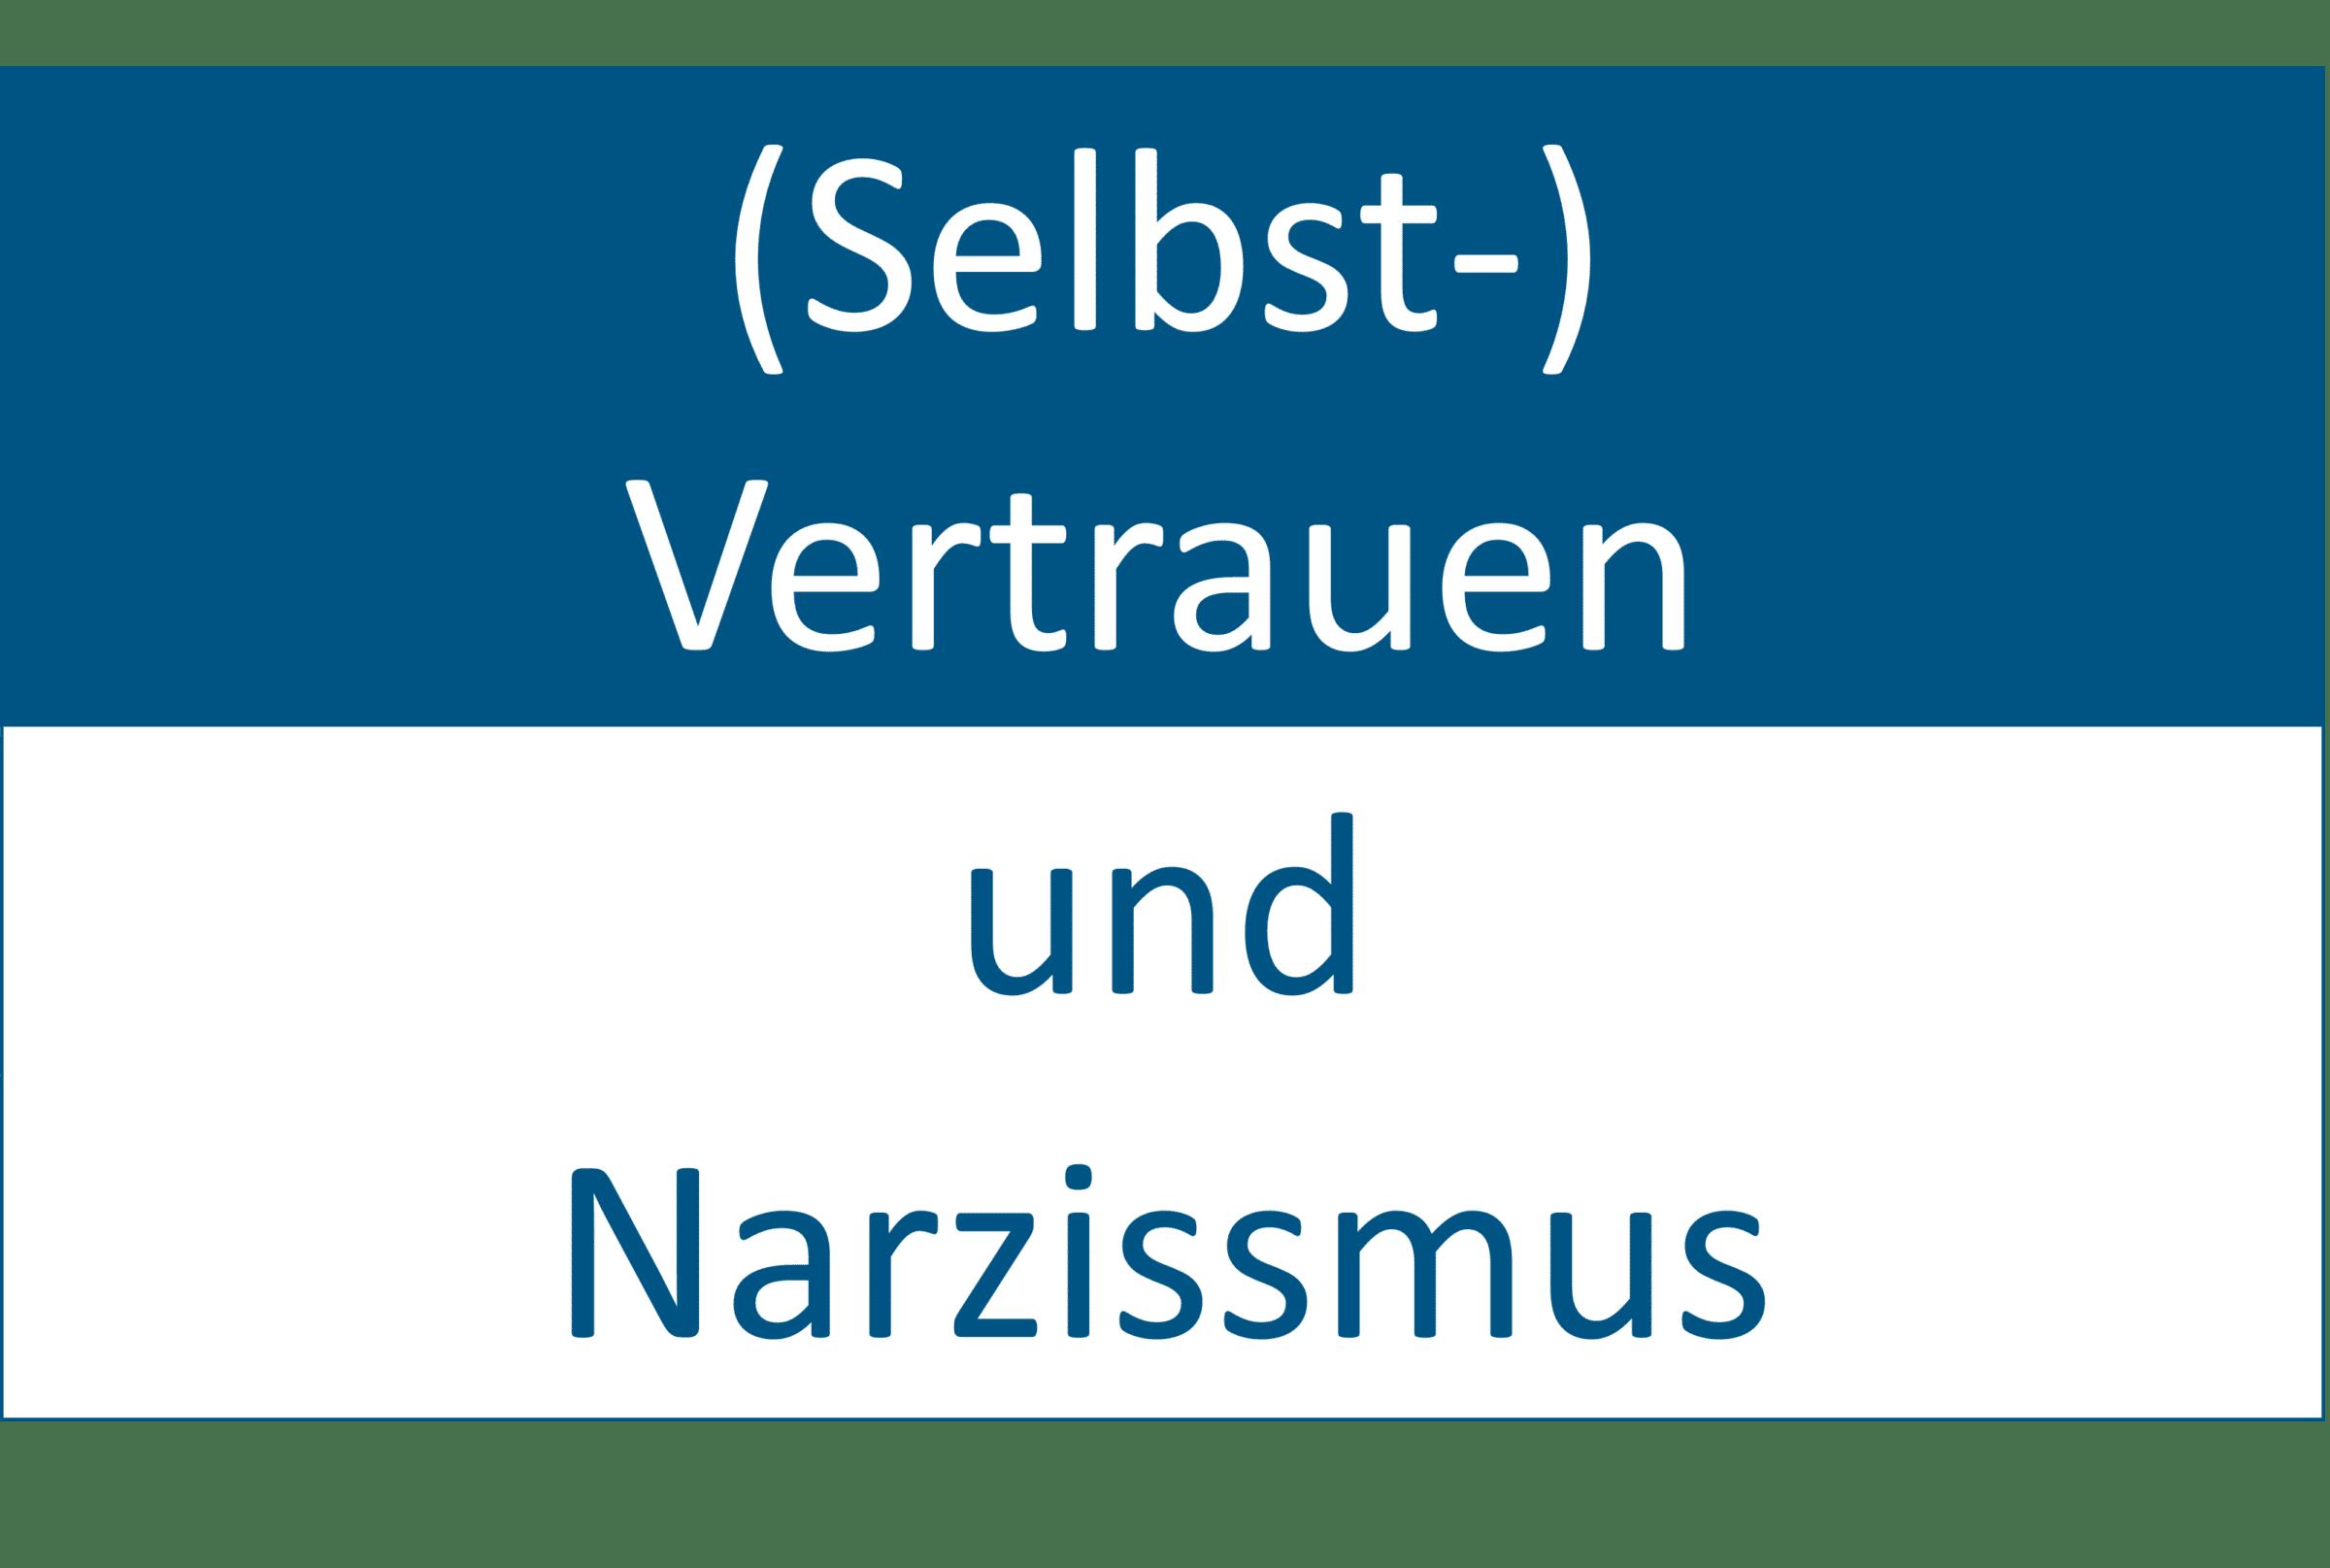 (Selbst-)Vertrauen und Narzissmus powernavi ecosystems of trust